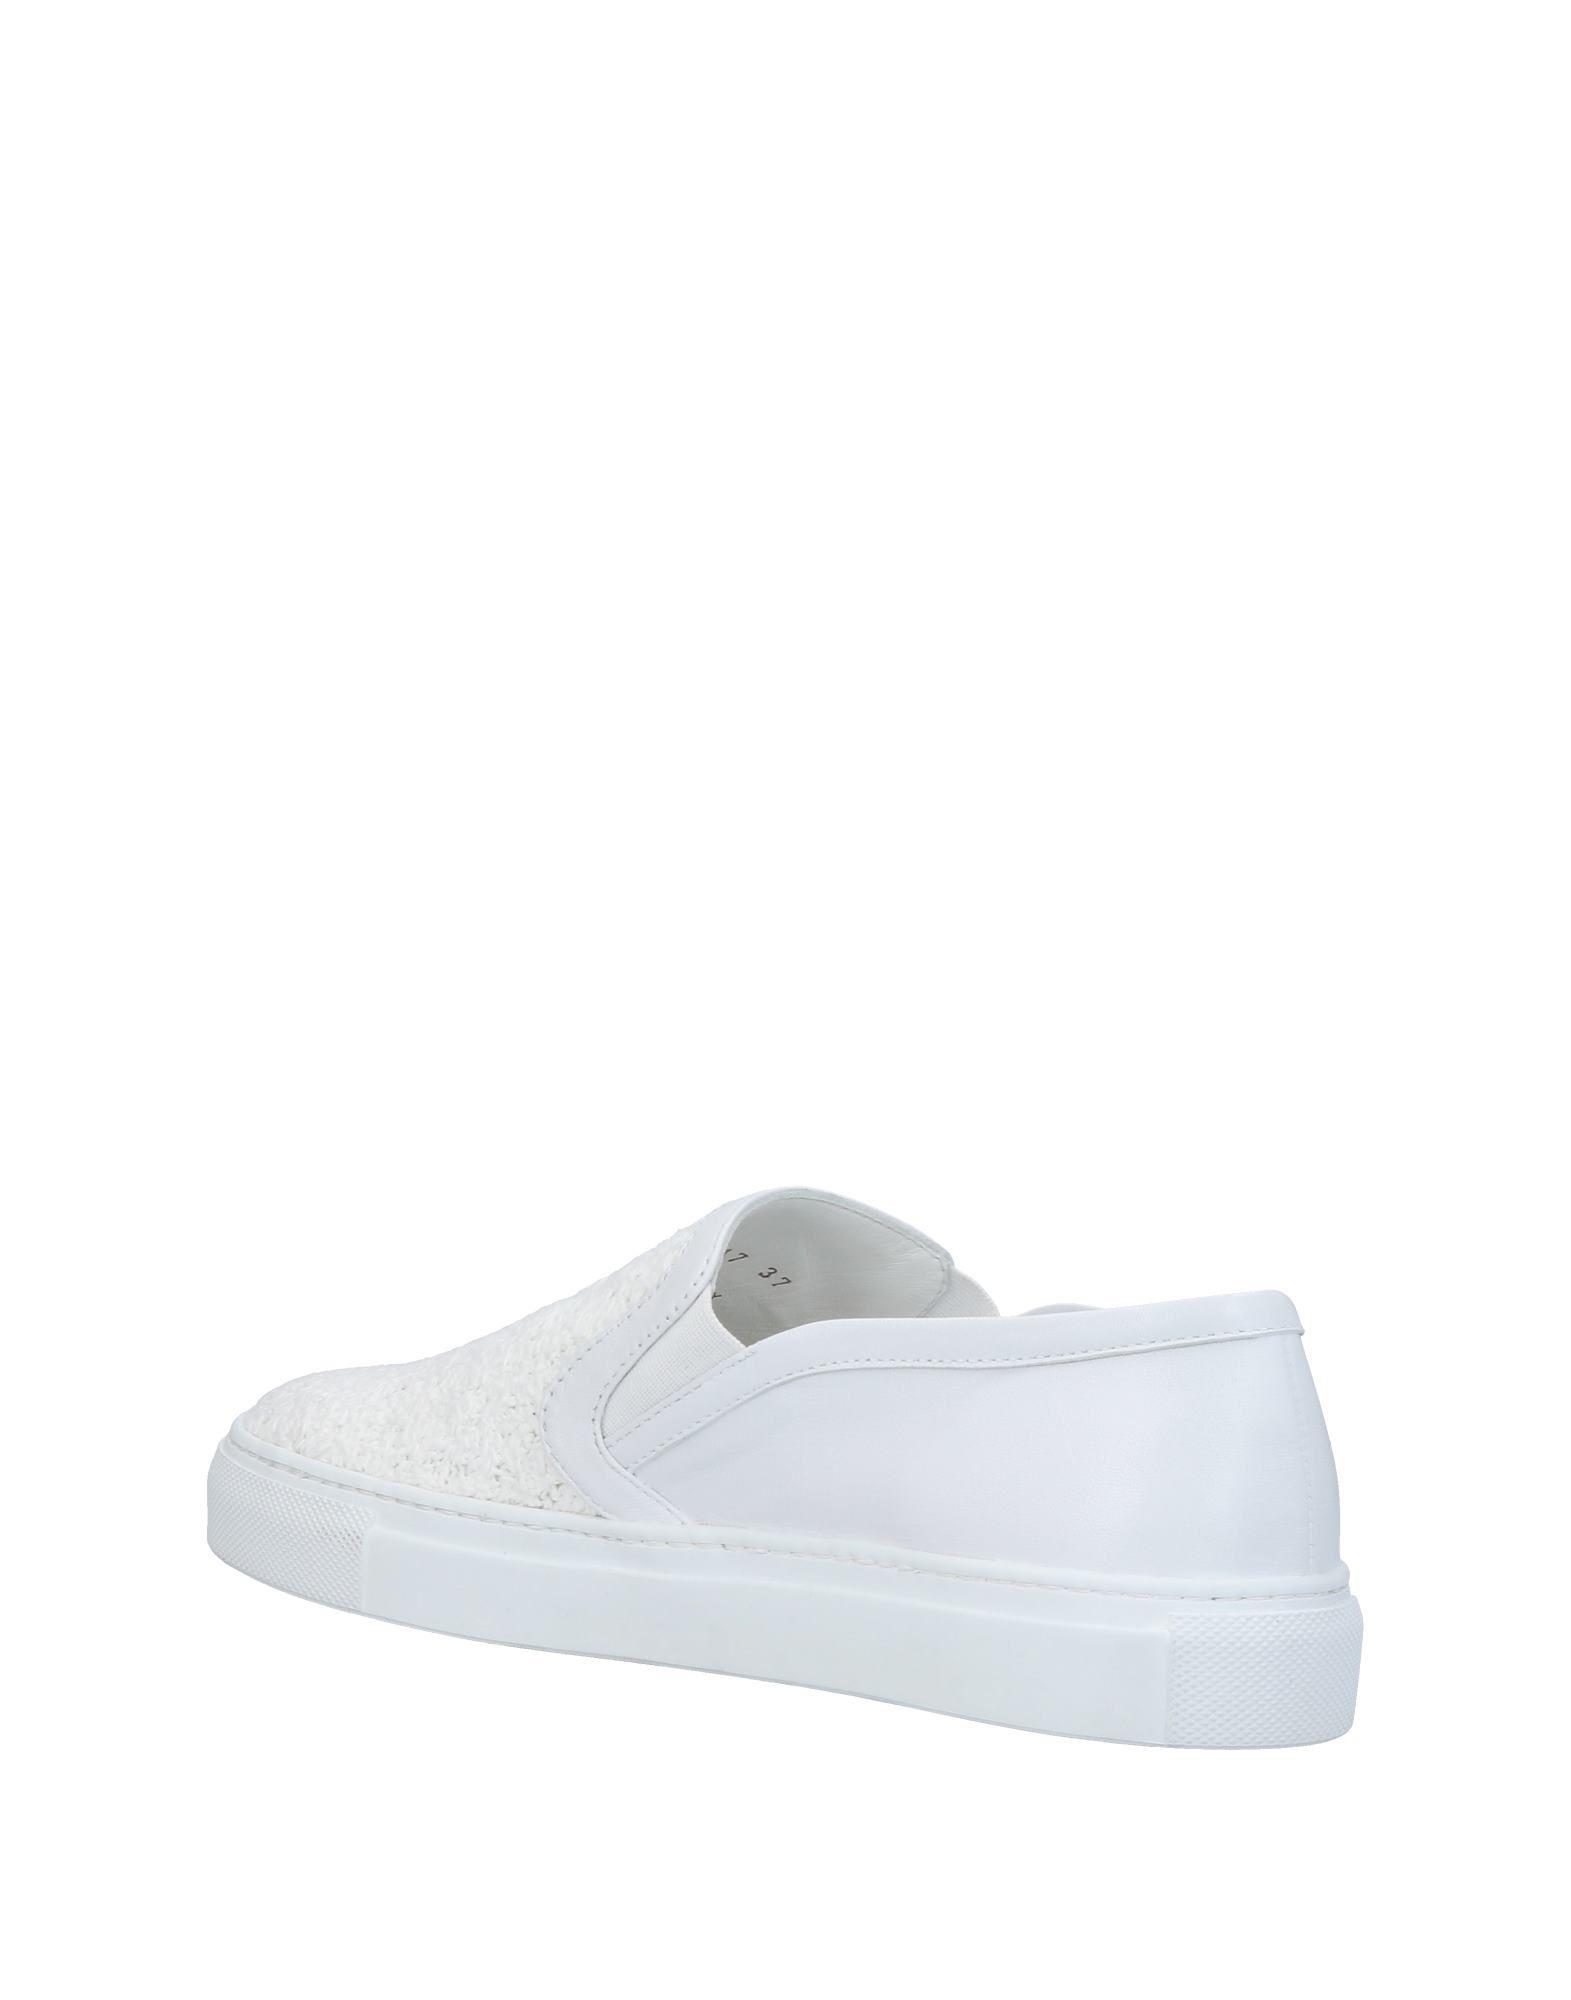 Gut um billige Schuhe zu  tragenFabiana Filippi Sneakers Damen  zu 11443831KC 5ca9df